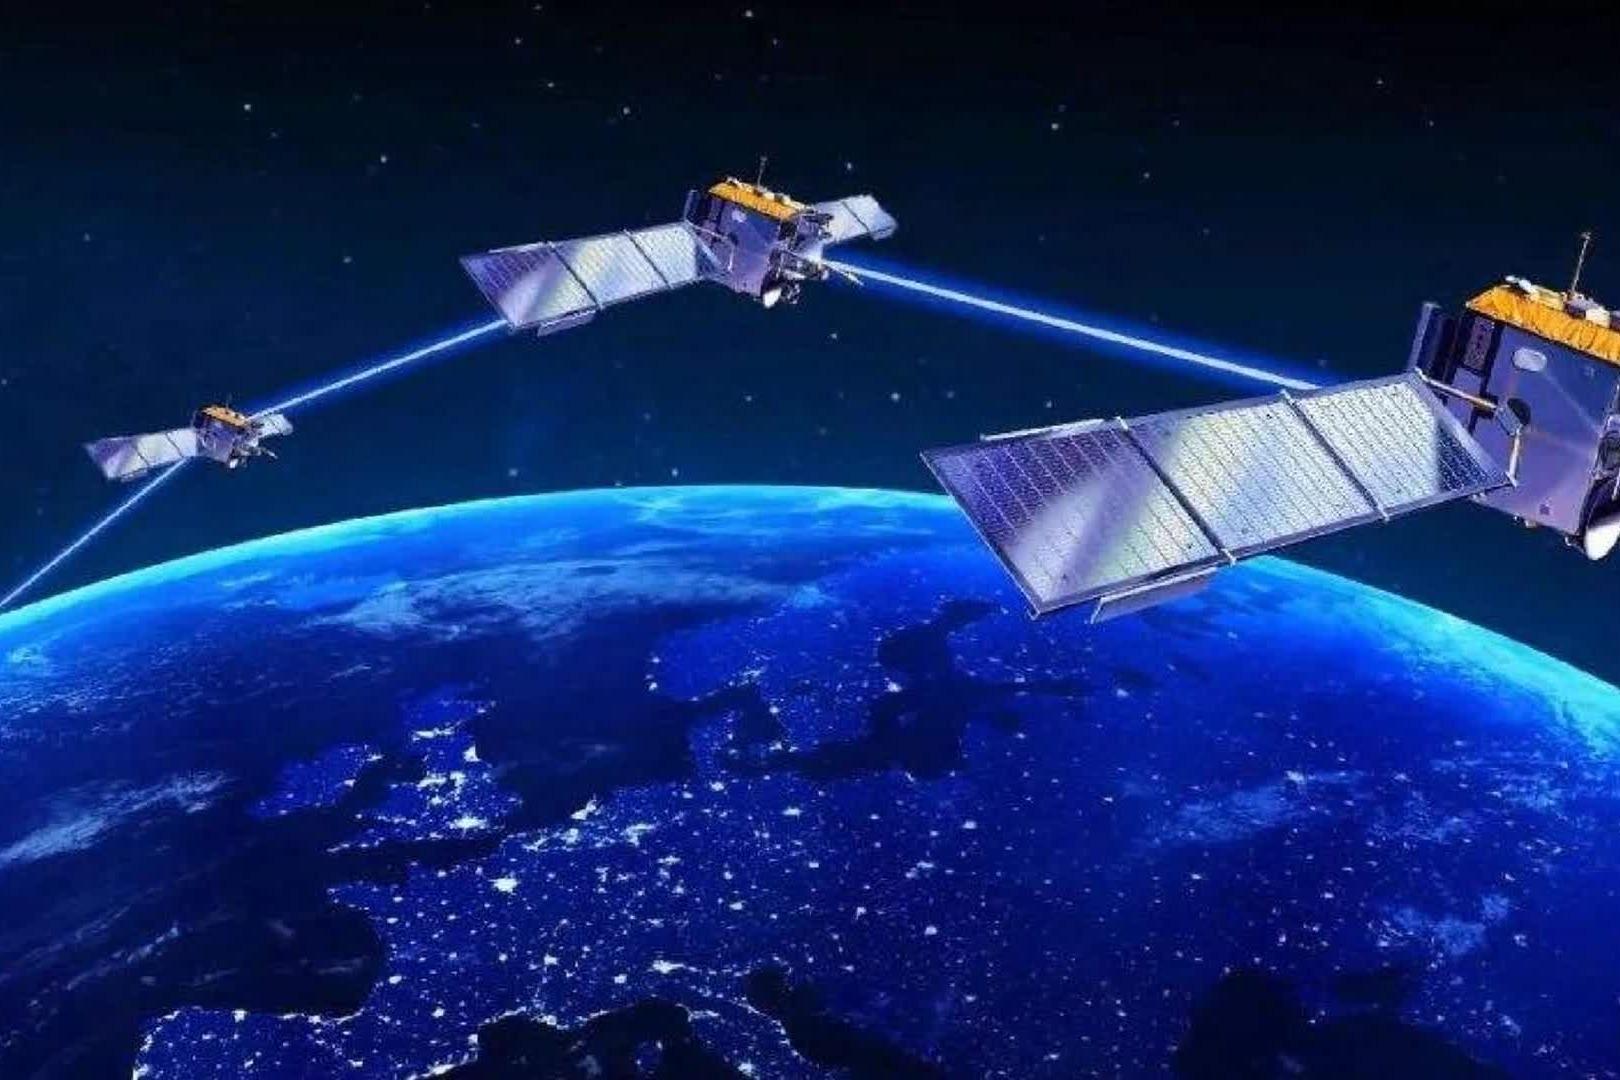 中国天空突现5个陌生卫星,到底是谁做的?美国:我也不知道